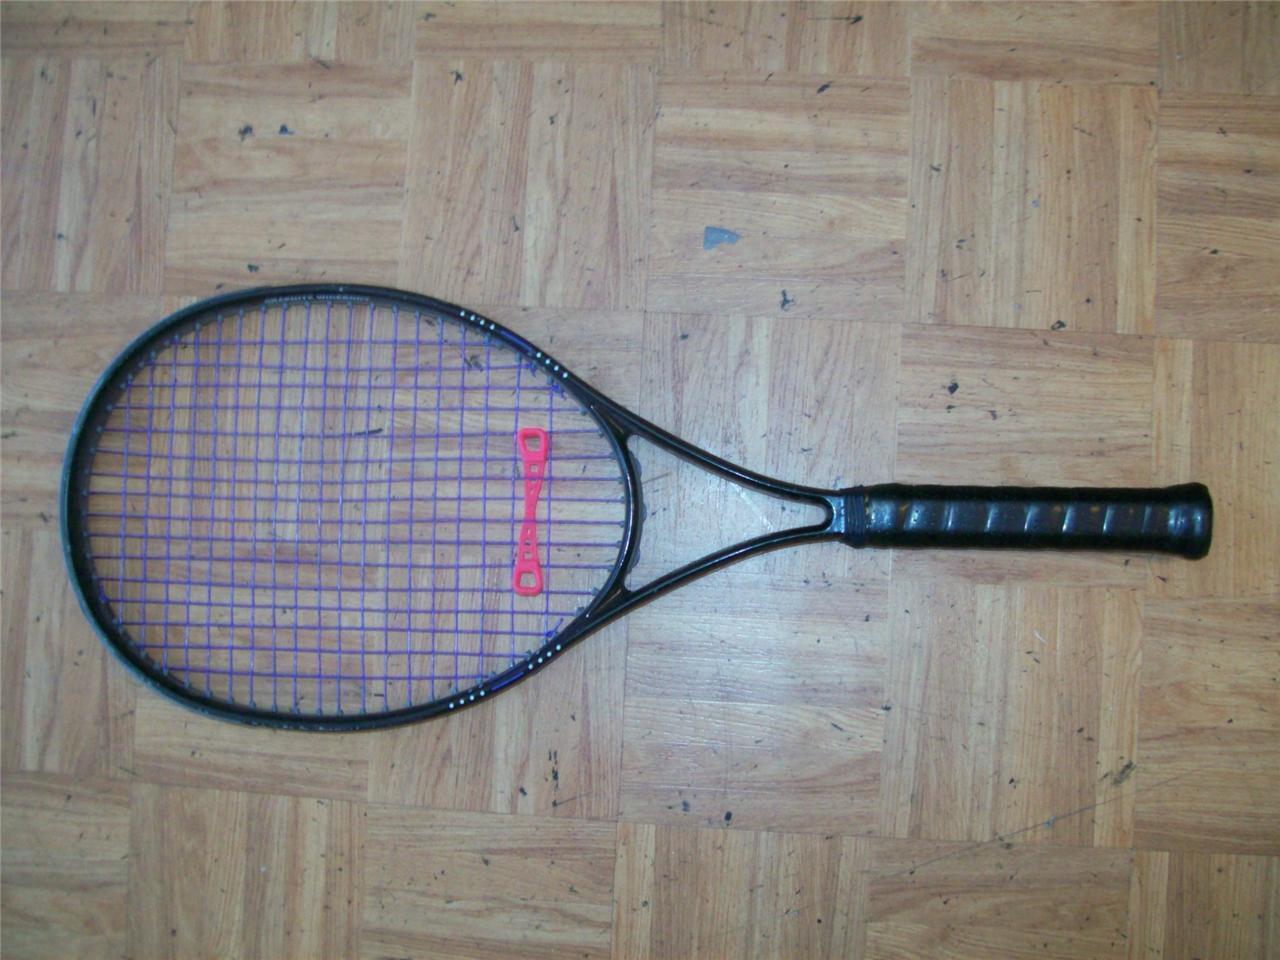 Head Jazz 660 midplus 102 4 3 8 grip raquette de tennis